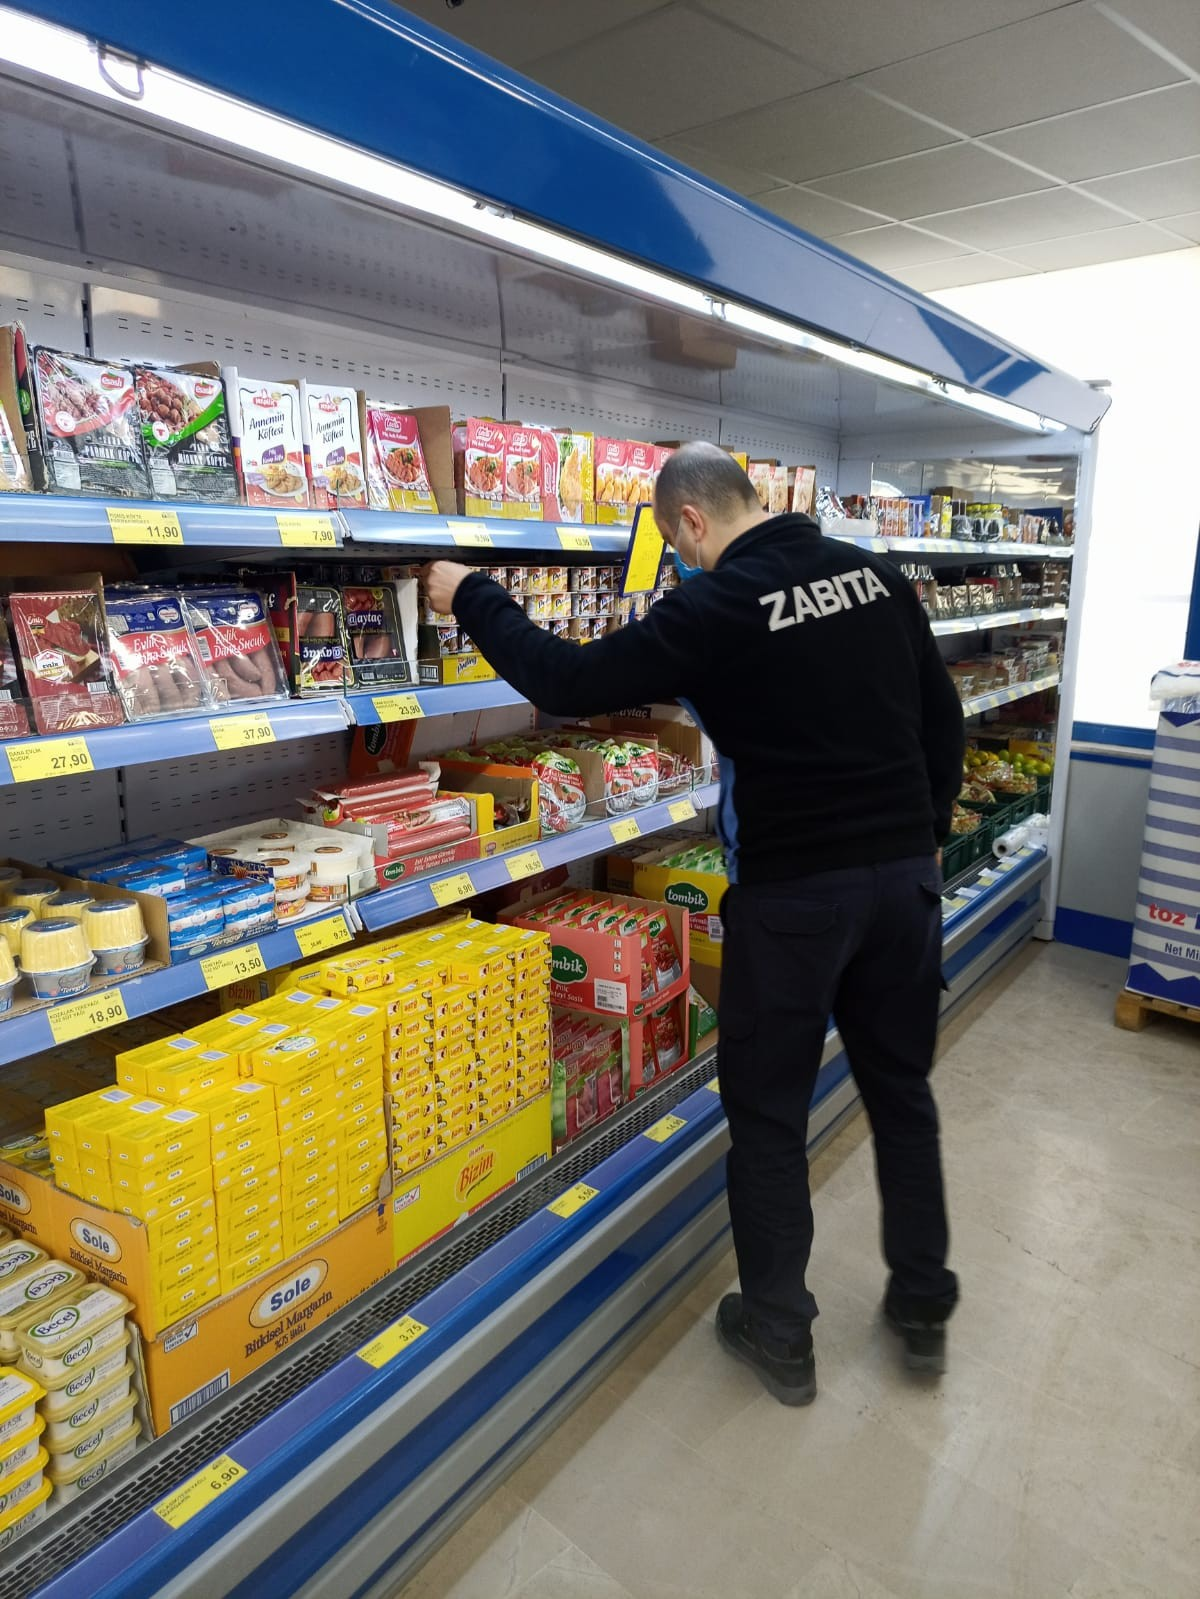 İskilip'te marketler denetlendi #corum